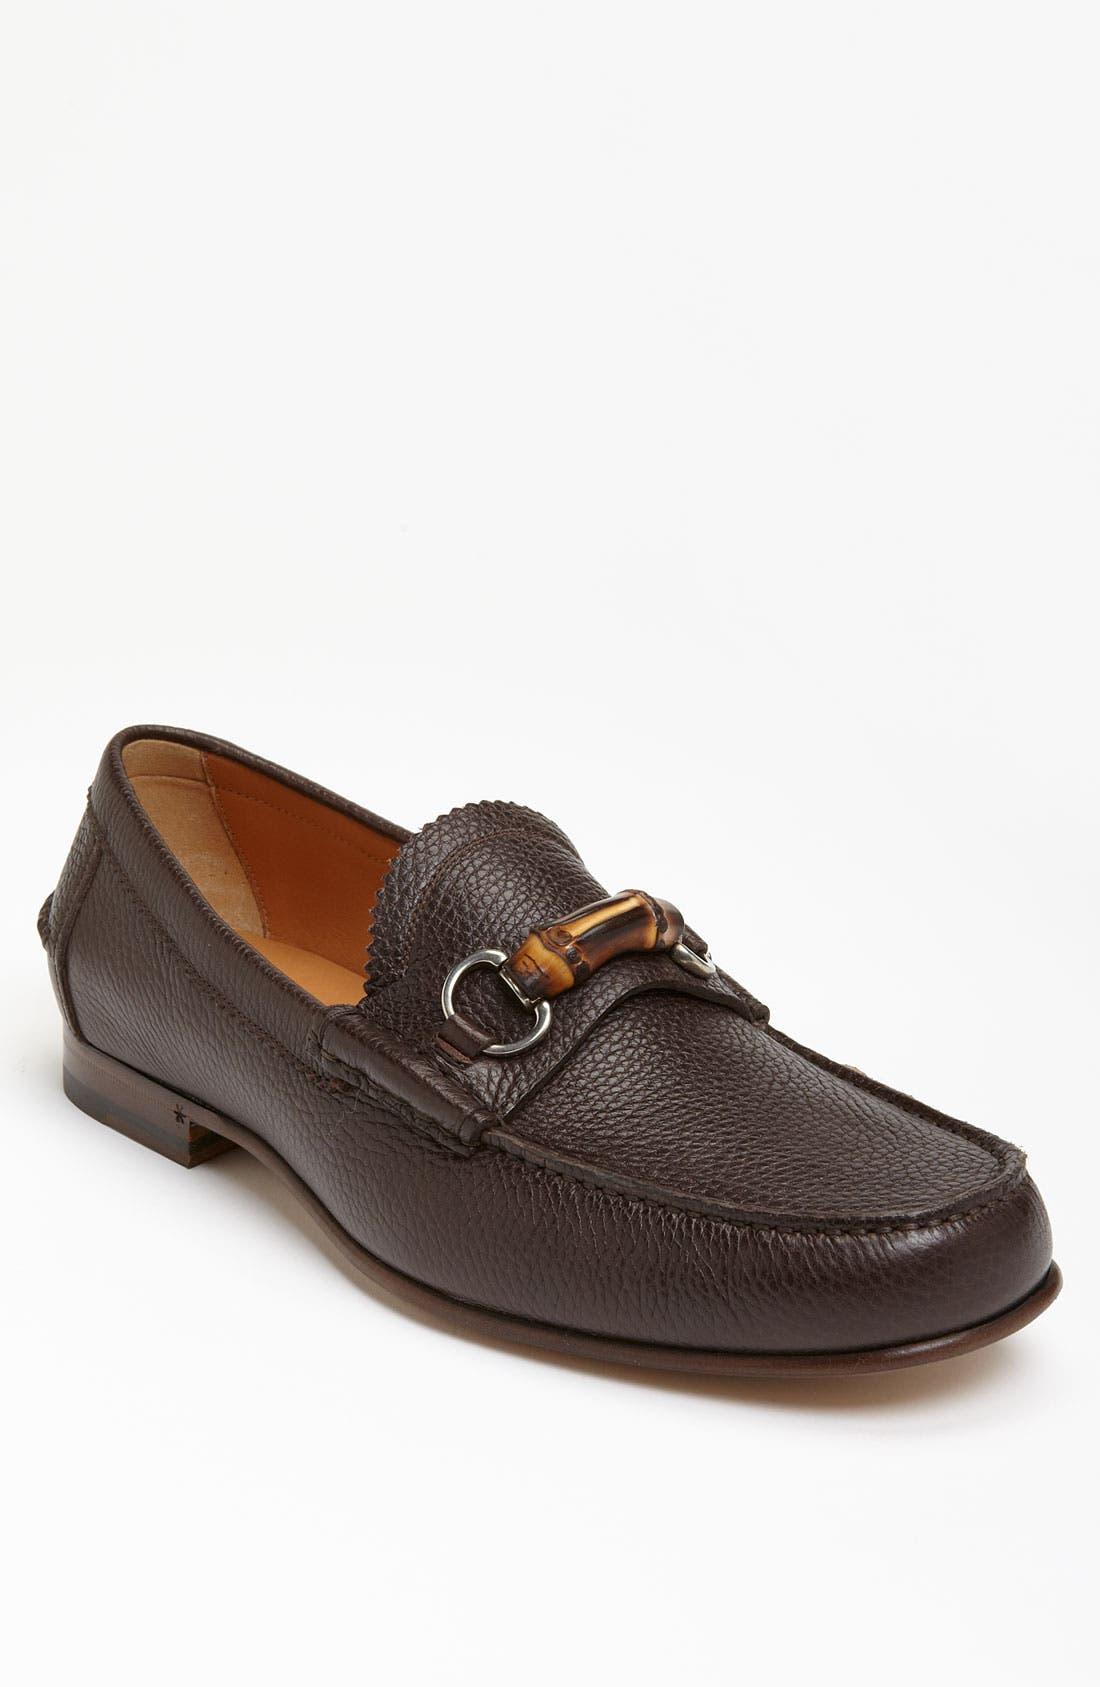 Alternate Image 1 Selected - Gucci 'Millet' Loafer